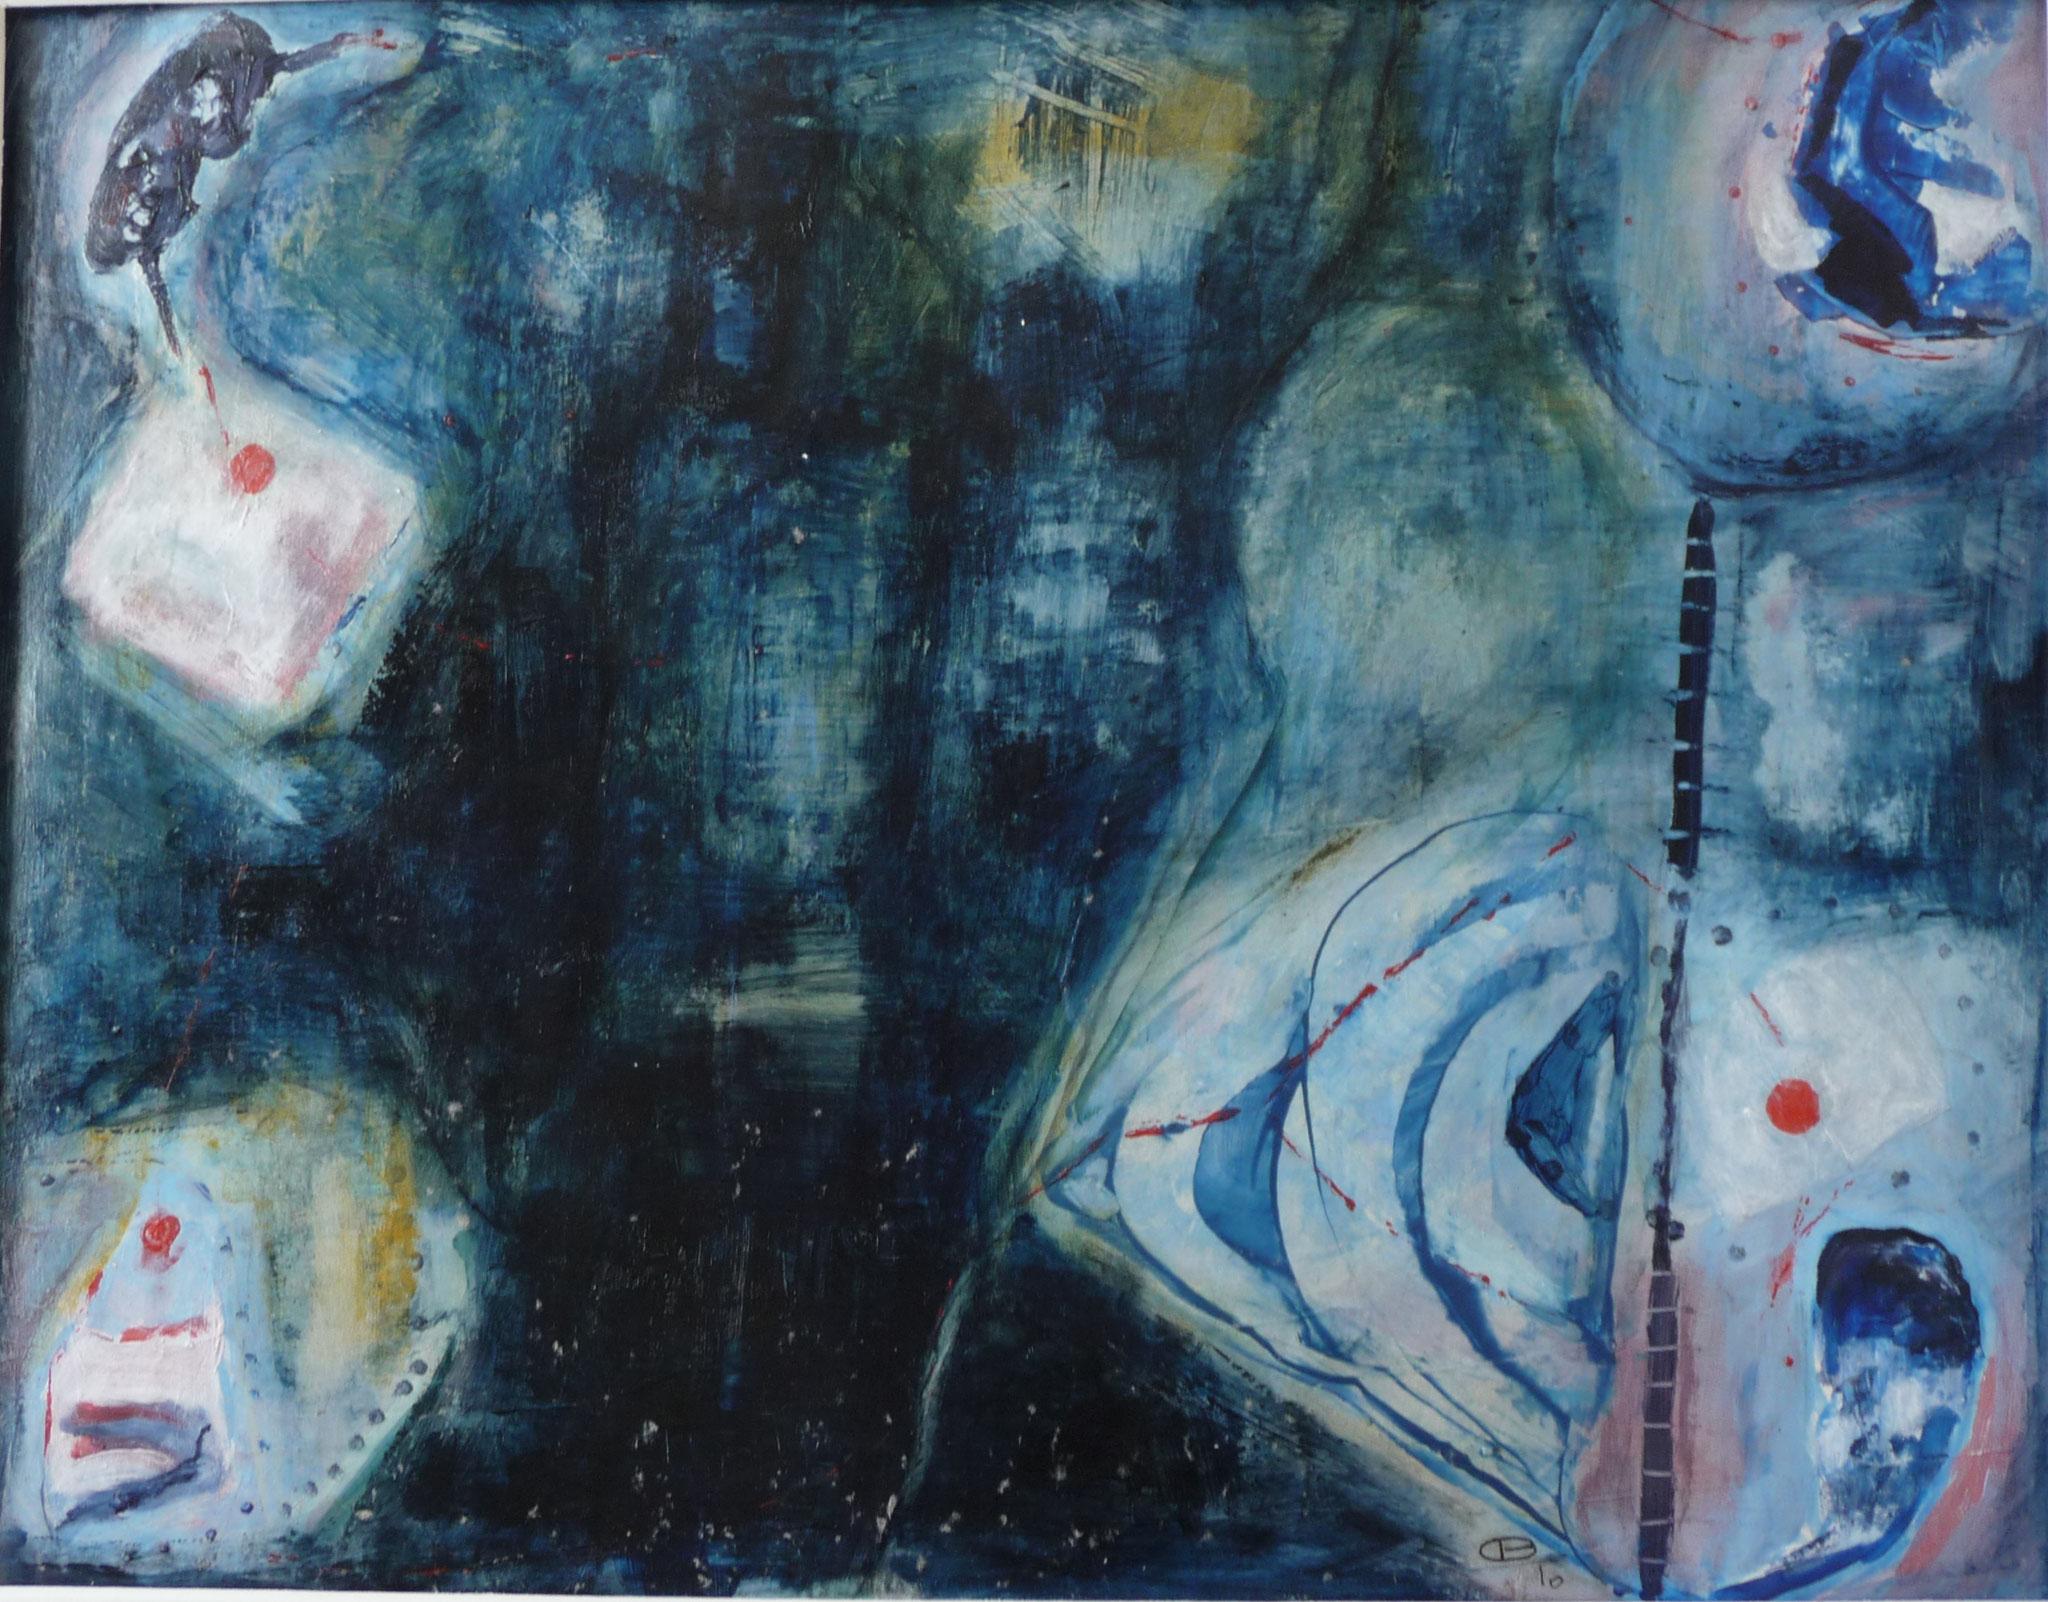 Planche de mémoire 2   ---   2010 - Acrylique - 45 x 60 cm